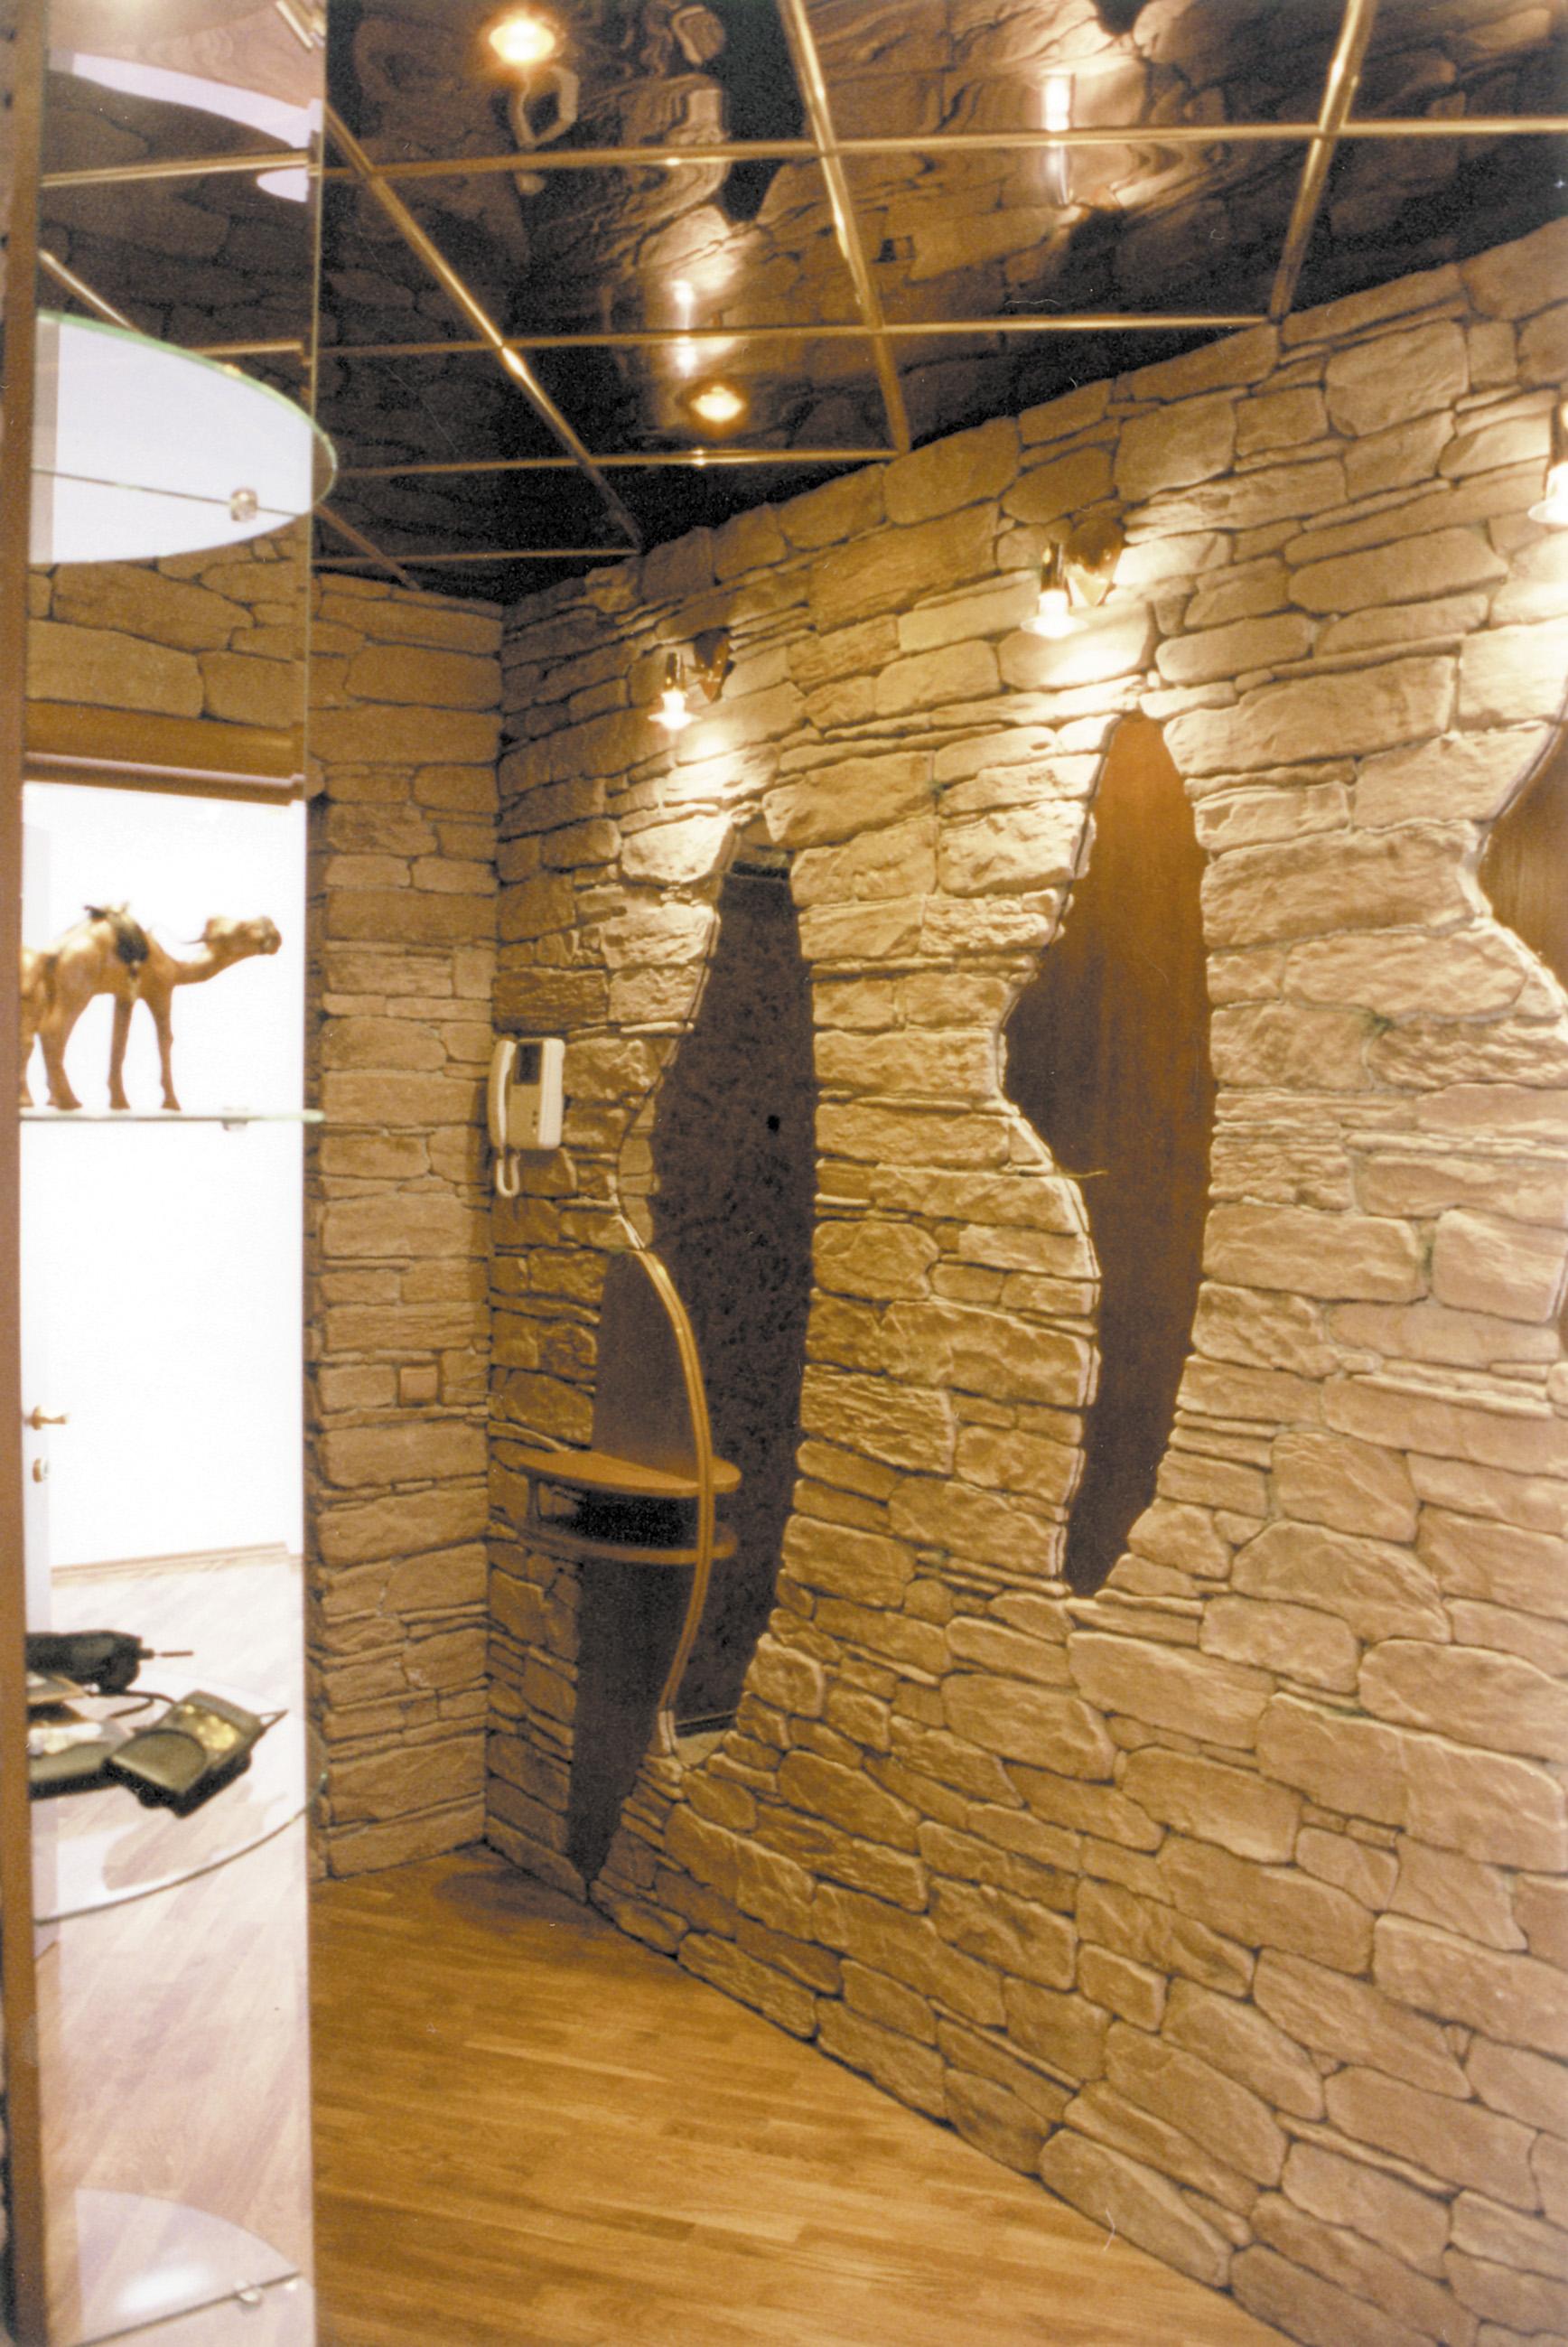 Отделка стен декоративным камнем Опубликовано Сентябрь 24, 2012 в рубрике: Дизайн интерьера Для современного дизайна...